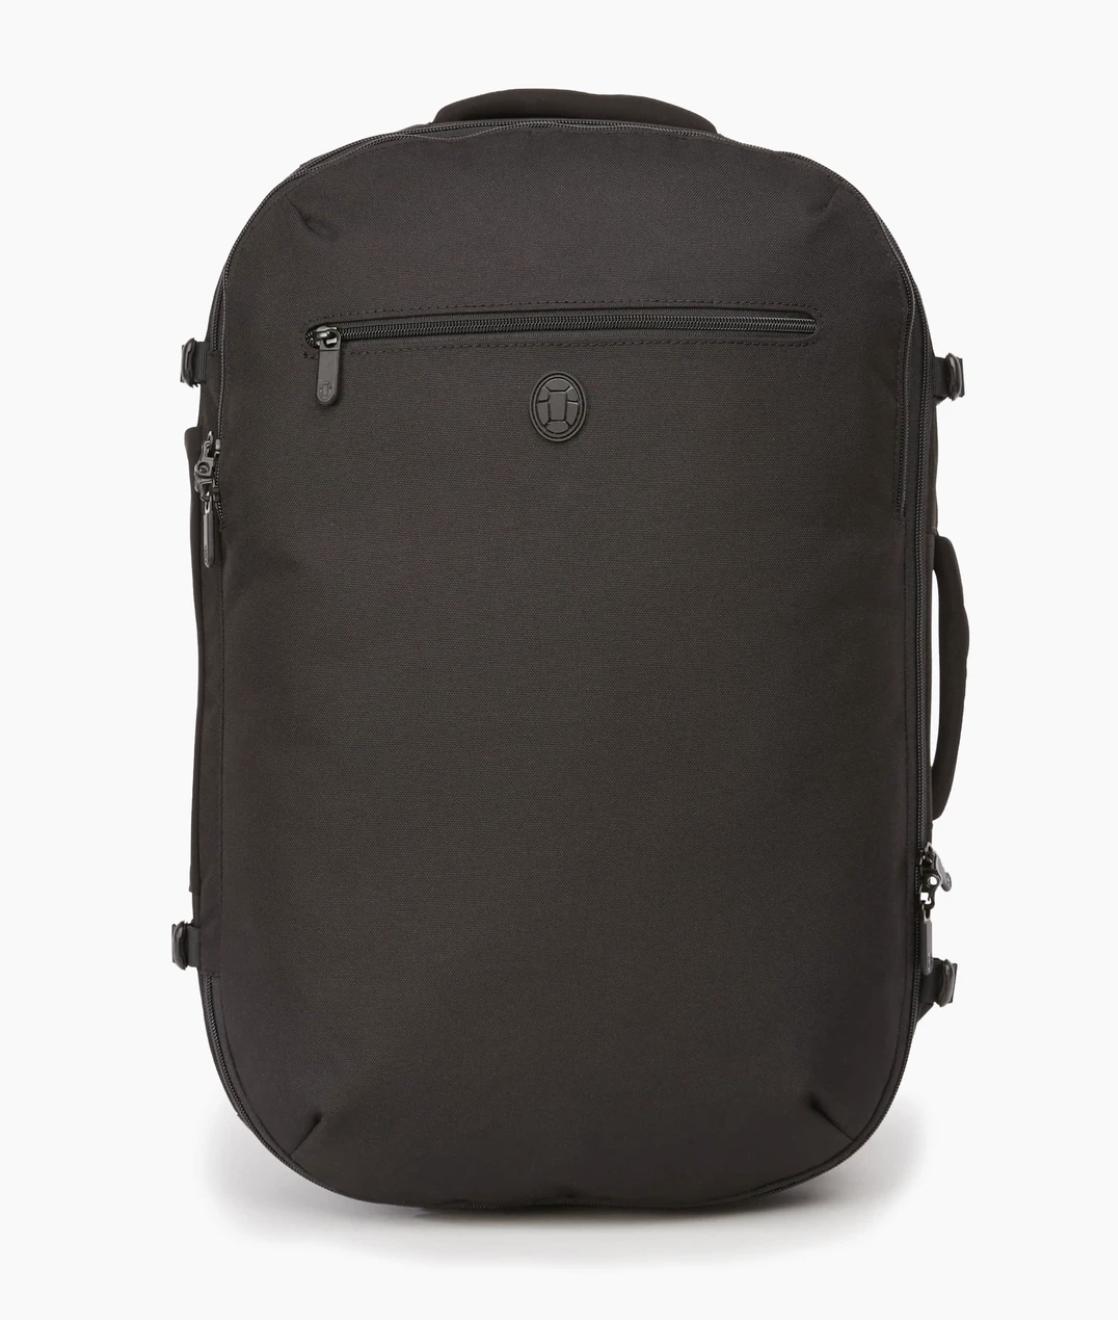 Tortuga Backpack Setout Backpack large: heren 45L